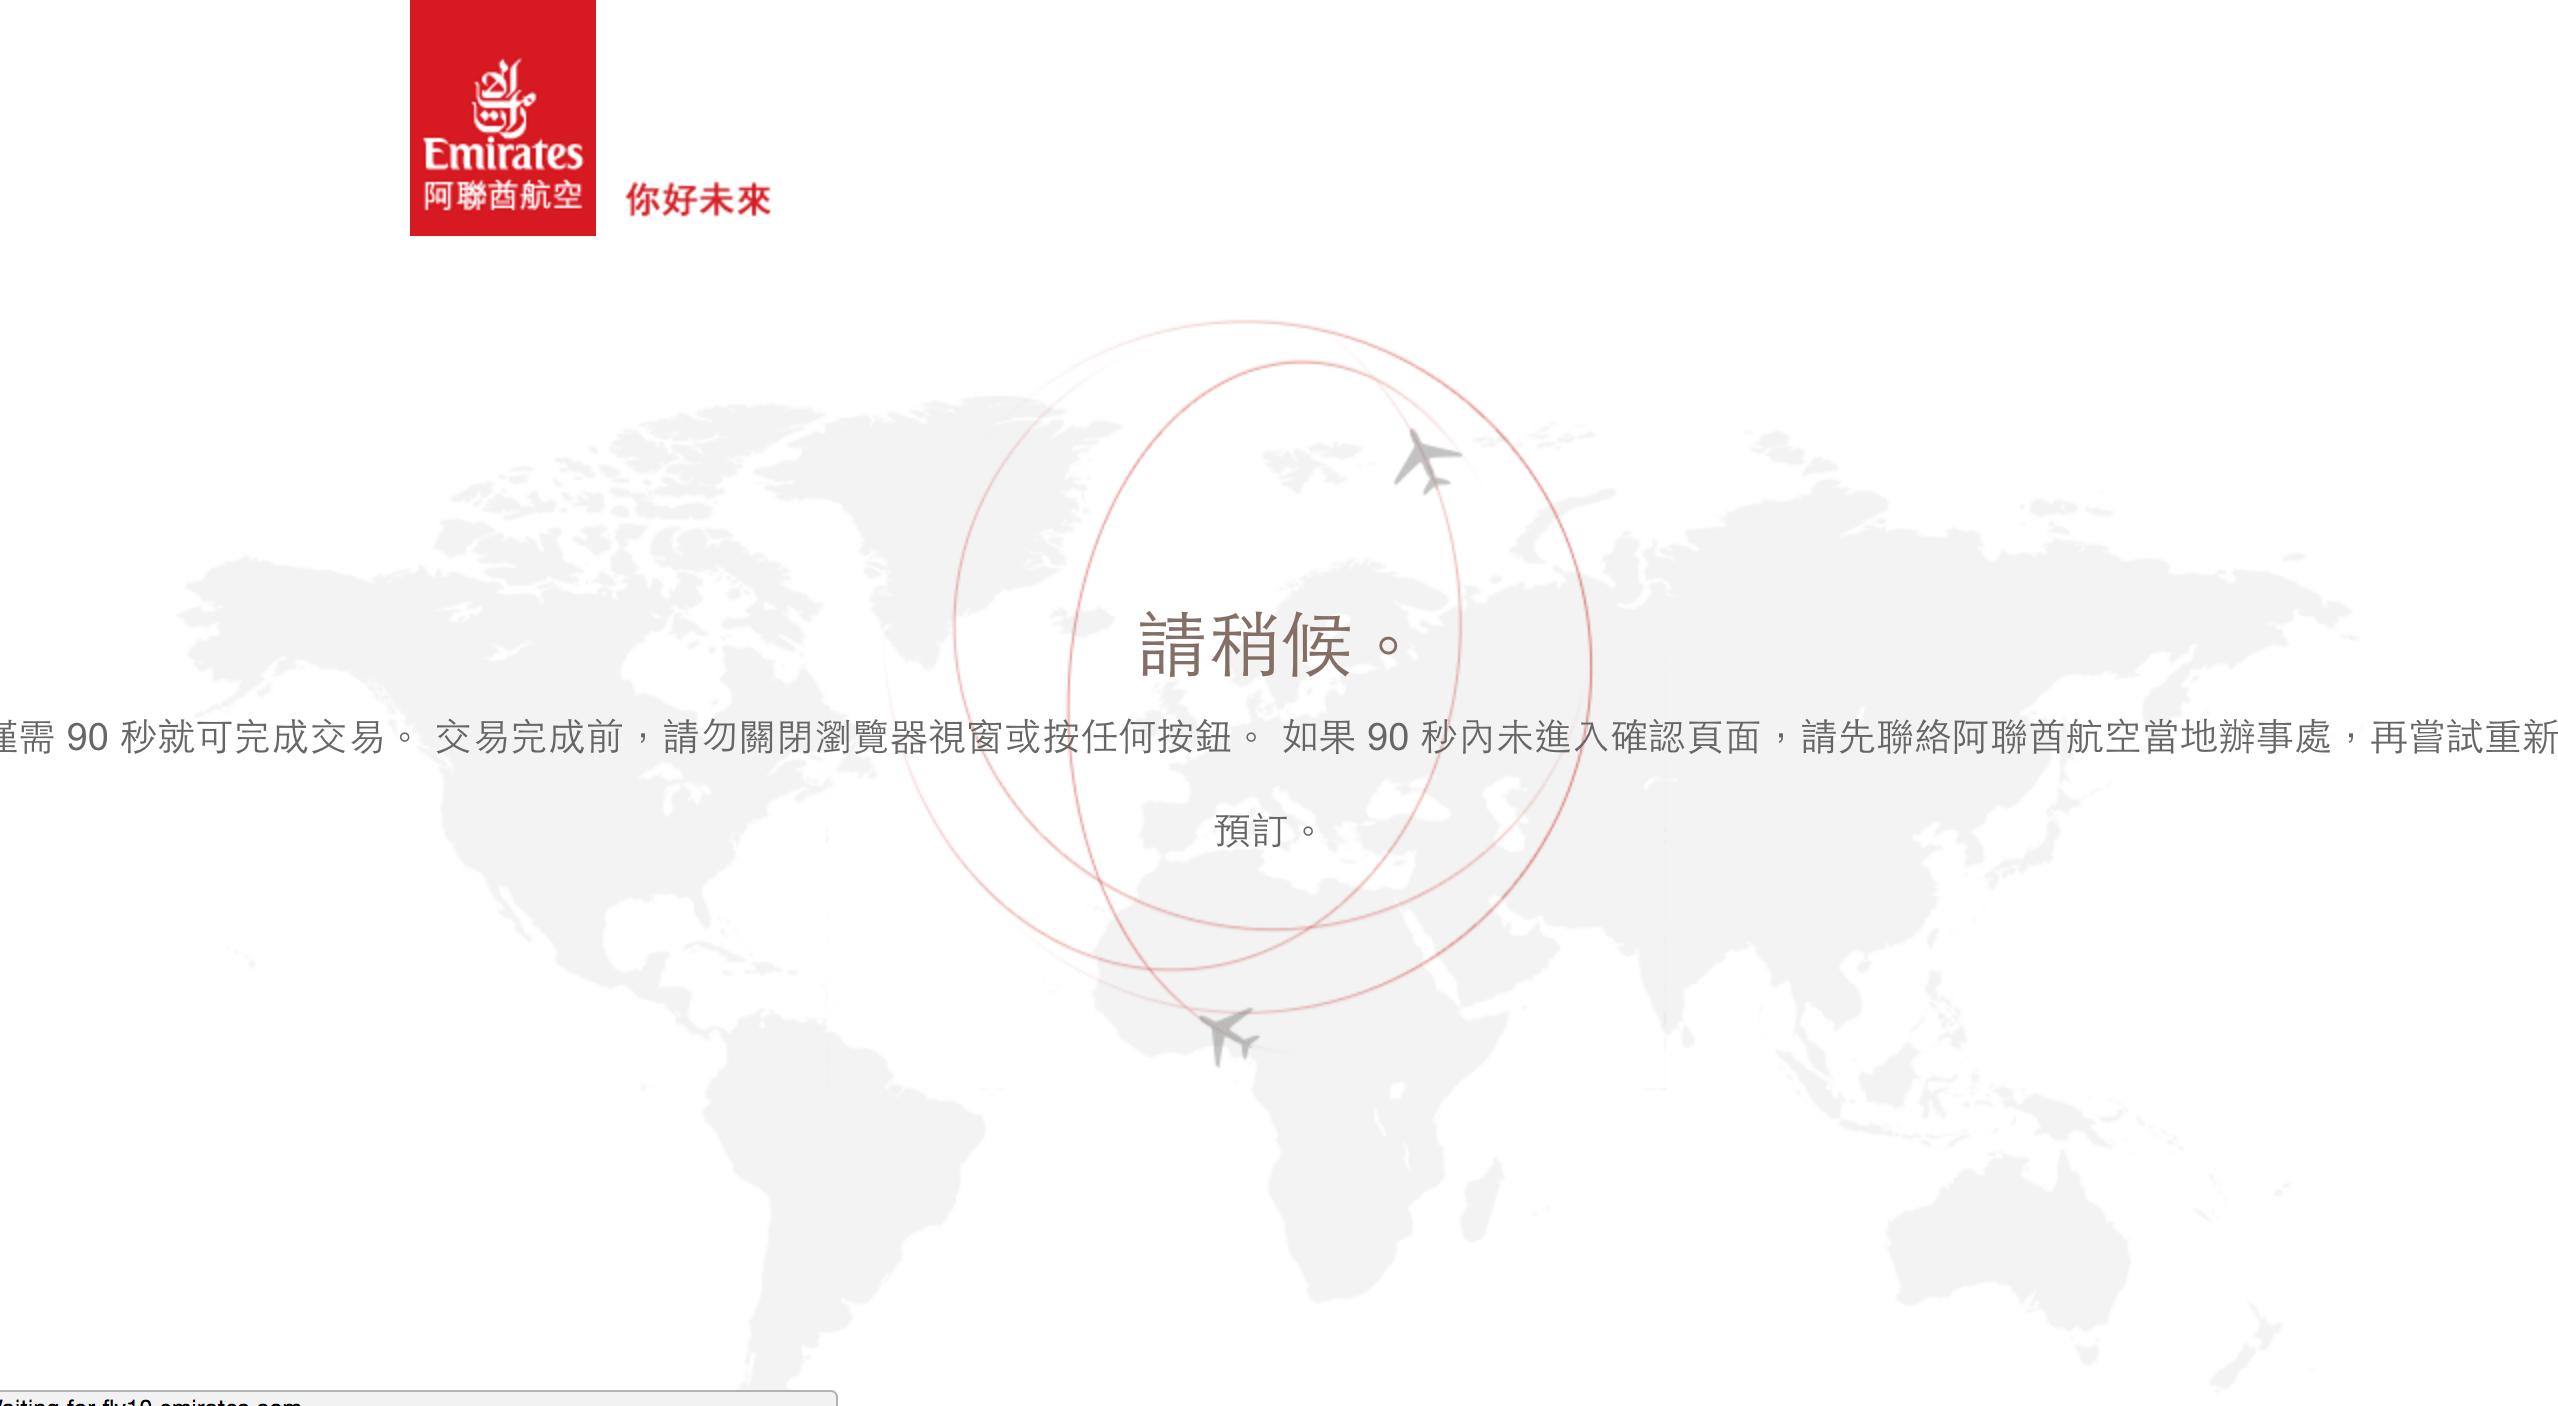 《航空公司》阿聯酋航空 Emirates 線上機票購買教學 飛往西班牙